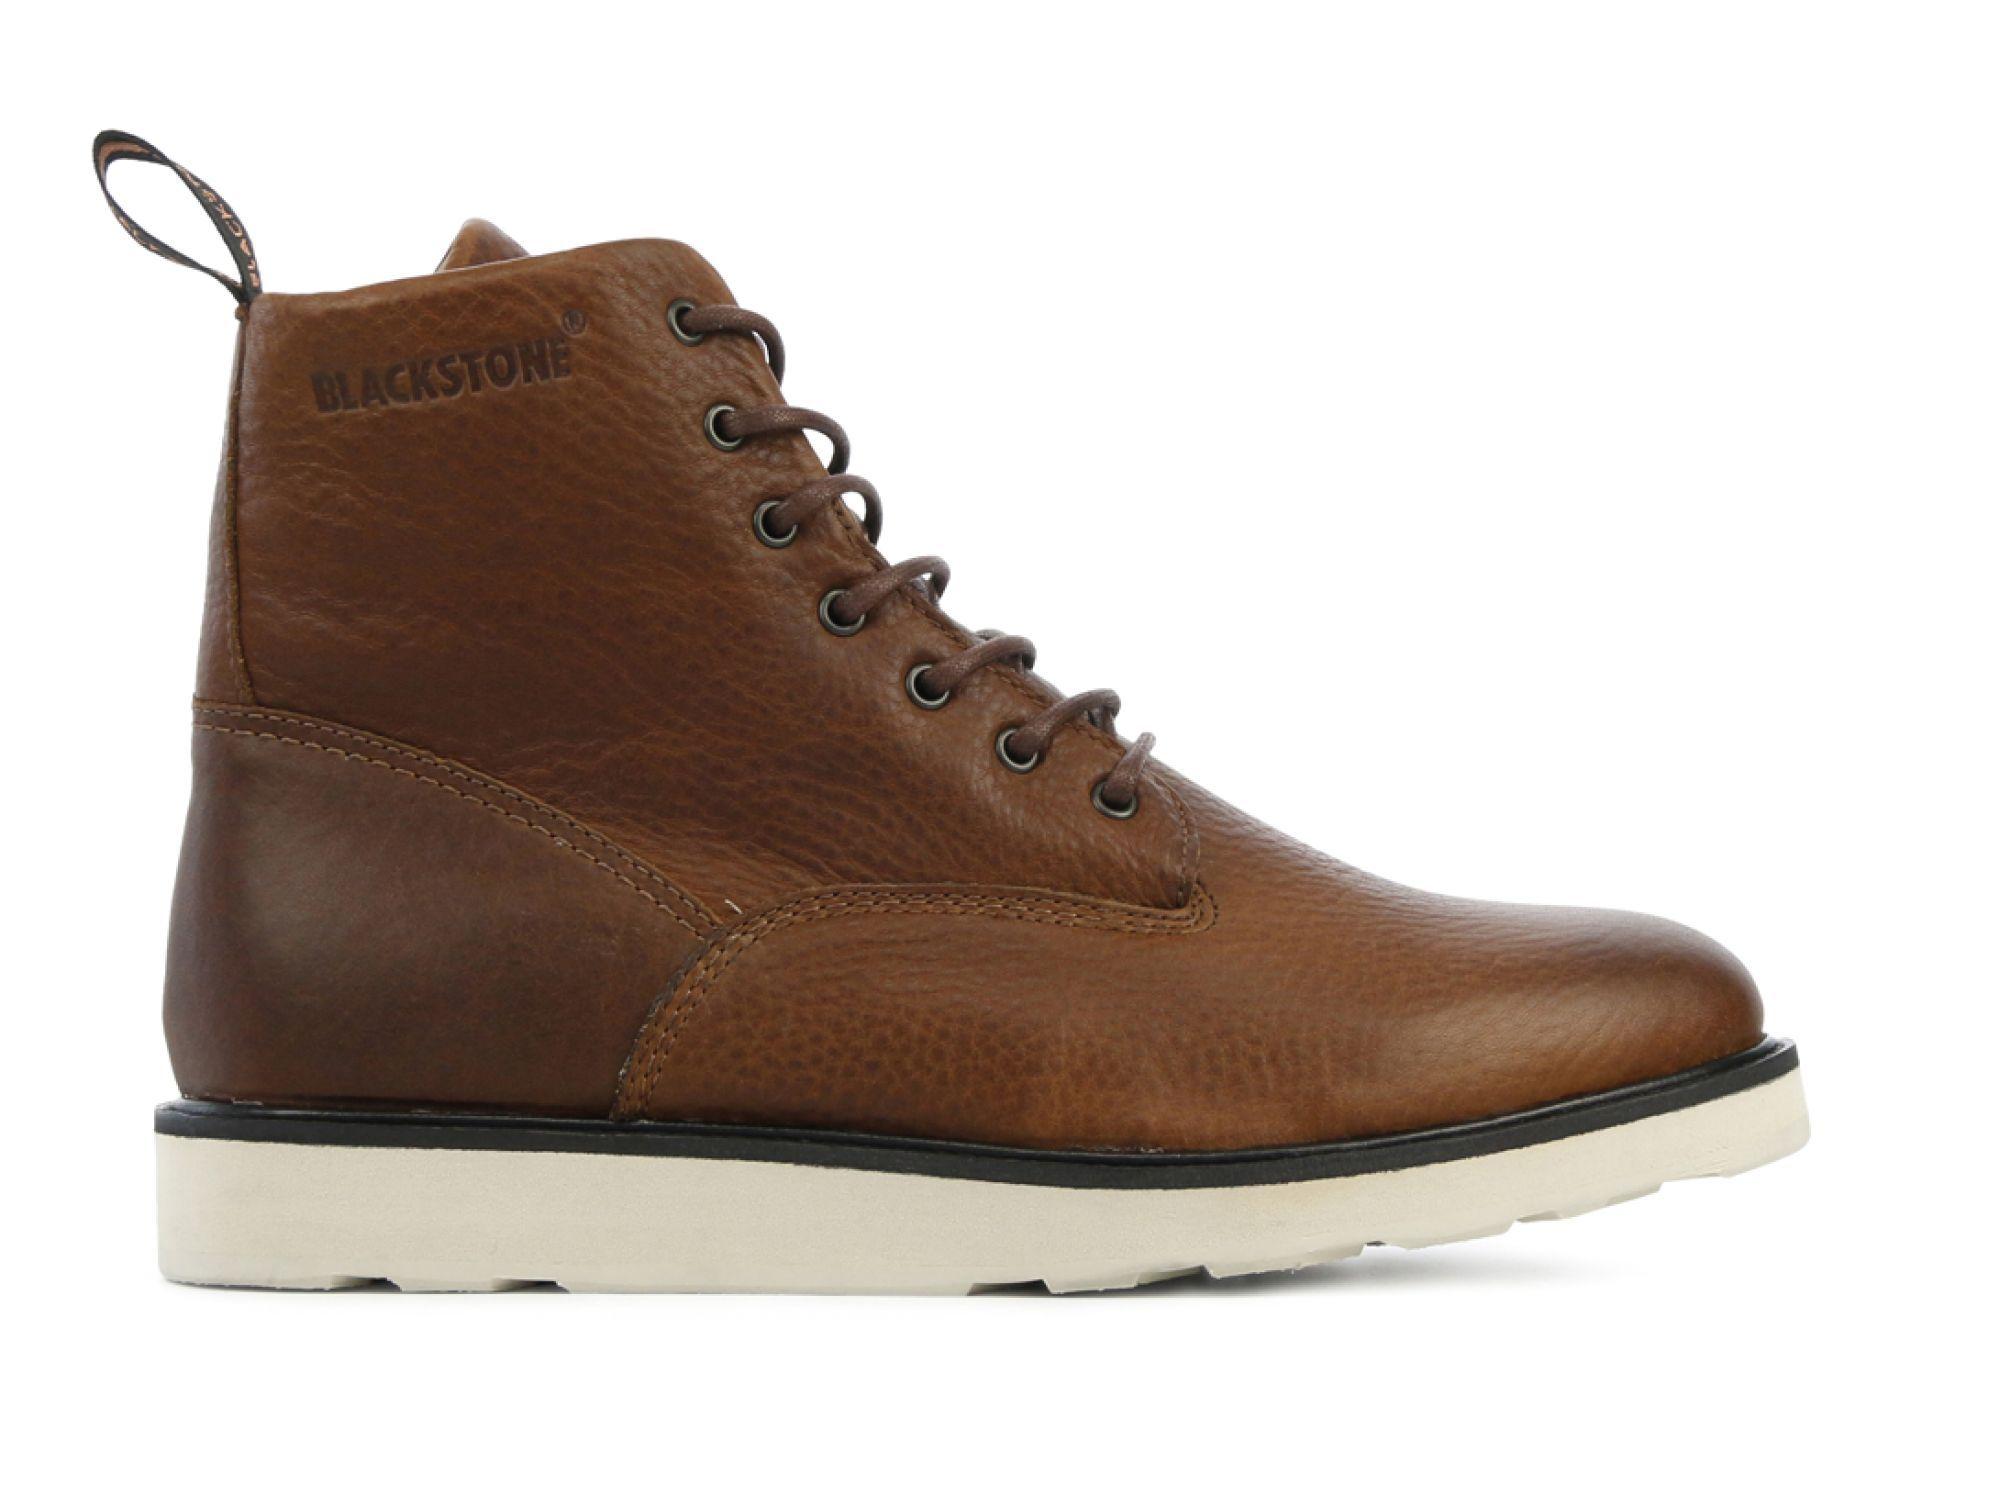 64df3722567 Cognac Blackstone Booties - Van den Assem - Nieuwsbrief boots for ...